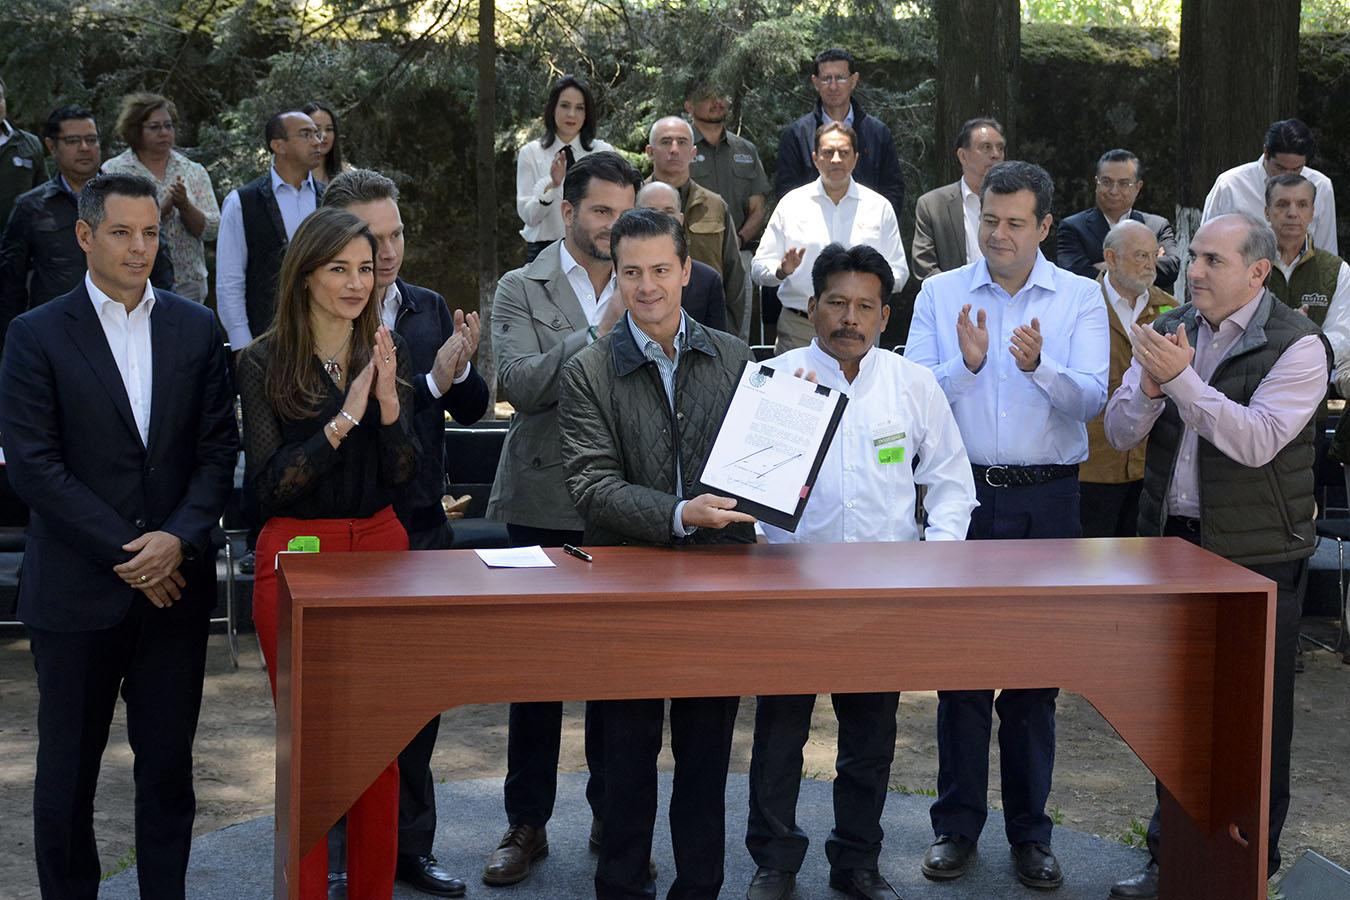 Con los Decretos firmados hoy por el Presidente Enrique Peña Nieto, nuestro país tendrá un volumen de reserva de agua para uso ambiental y público urbano de 170 mil 379 millones de metros cúbicos, que significa garantizar agua suficiente para más de 18 millones de mexicanos que aún no han nacido, sostuvo el Director General de la Comisión Nacional del Agua (CONAGUA), Roberto Ramírez de la Parra.